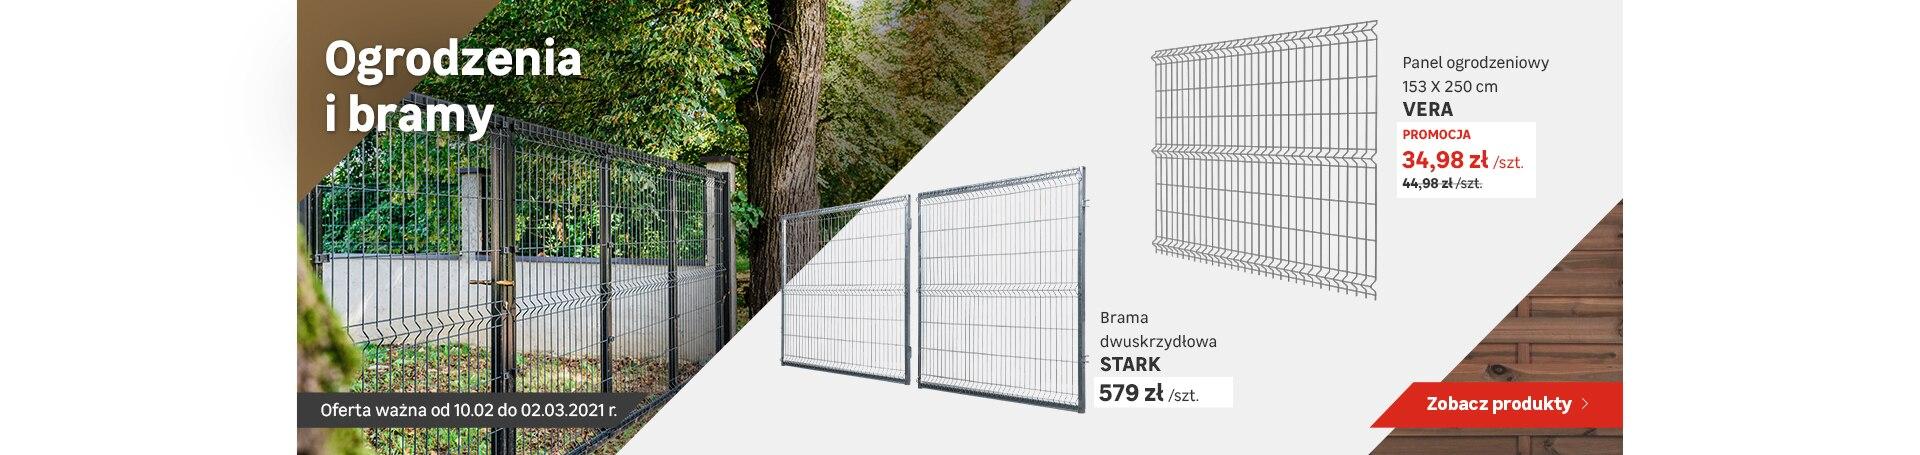 rr-ogrodzenia-10.02-2.03.2021-1920x455